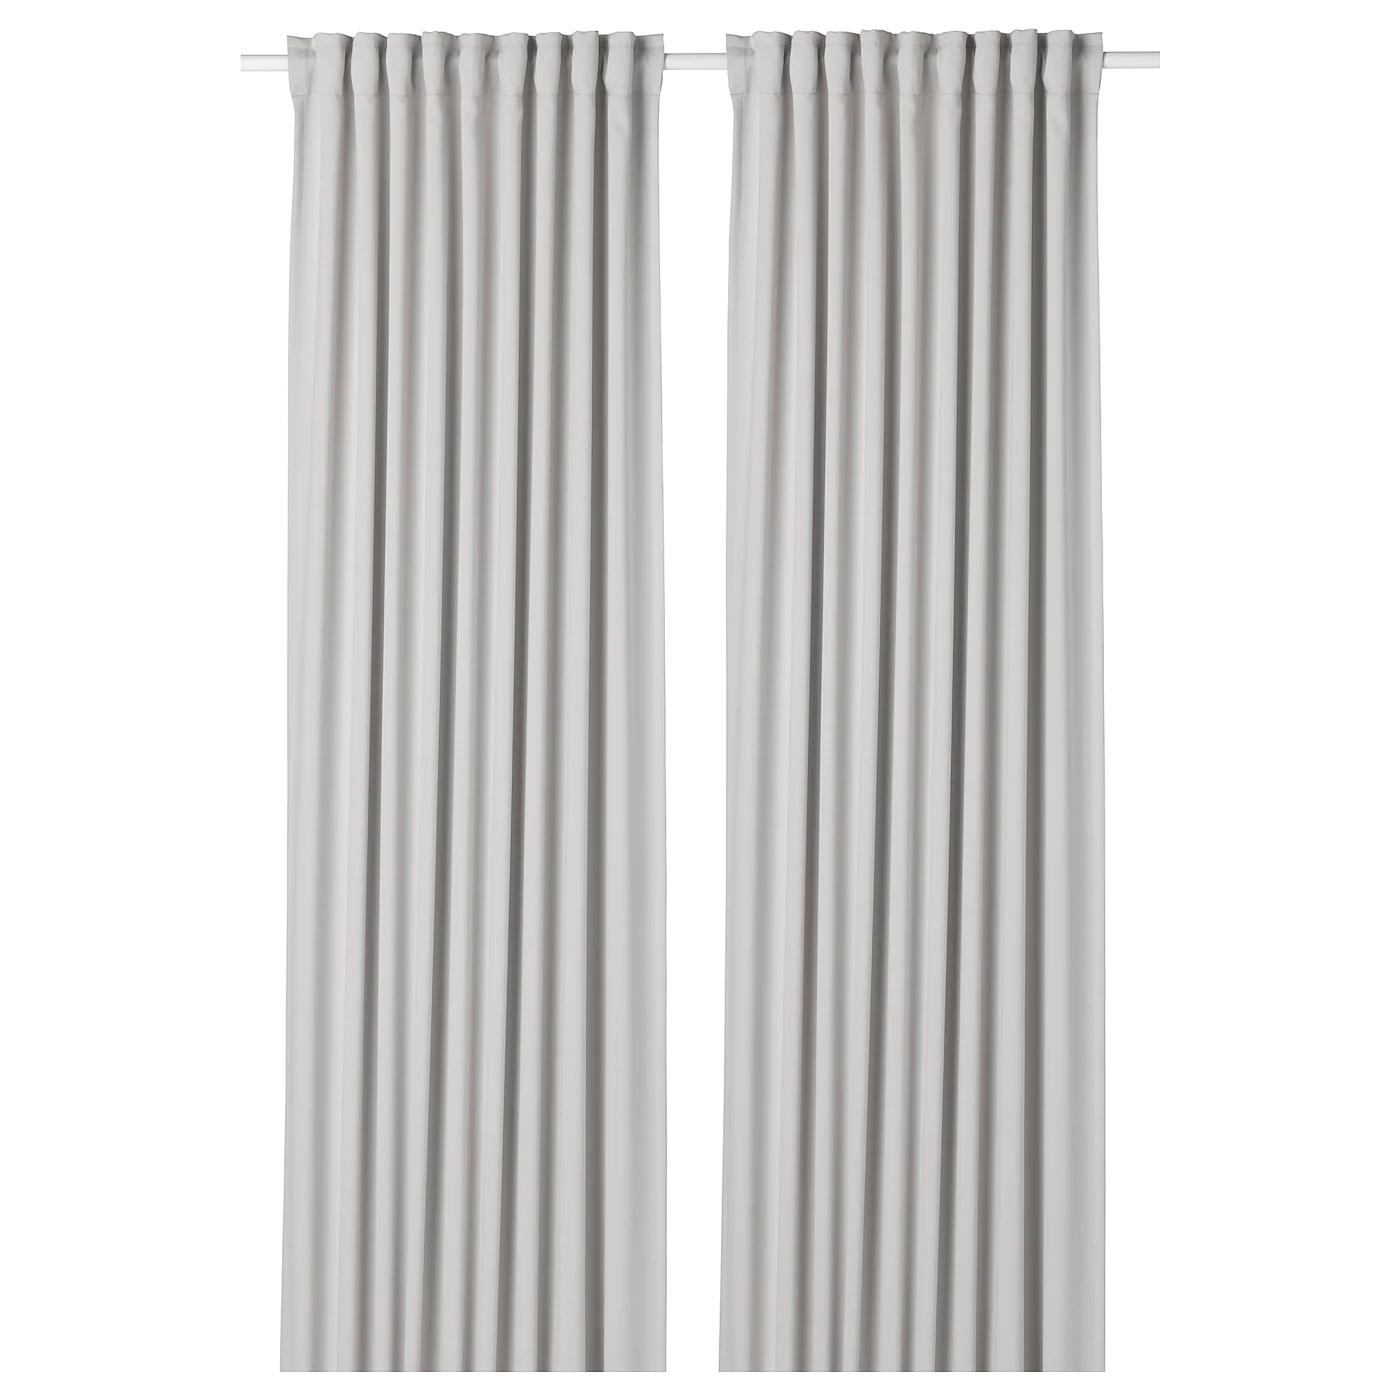 МАЙГУЛЛ Затемняющие гардины, 1 пара, светло-серый, 145x300 см